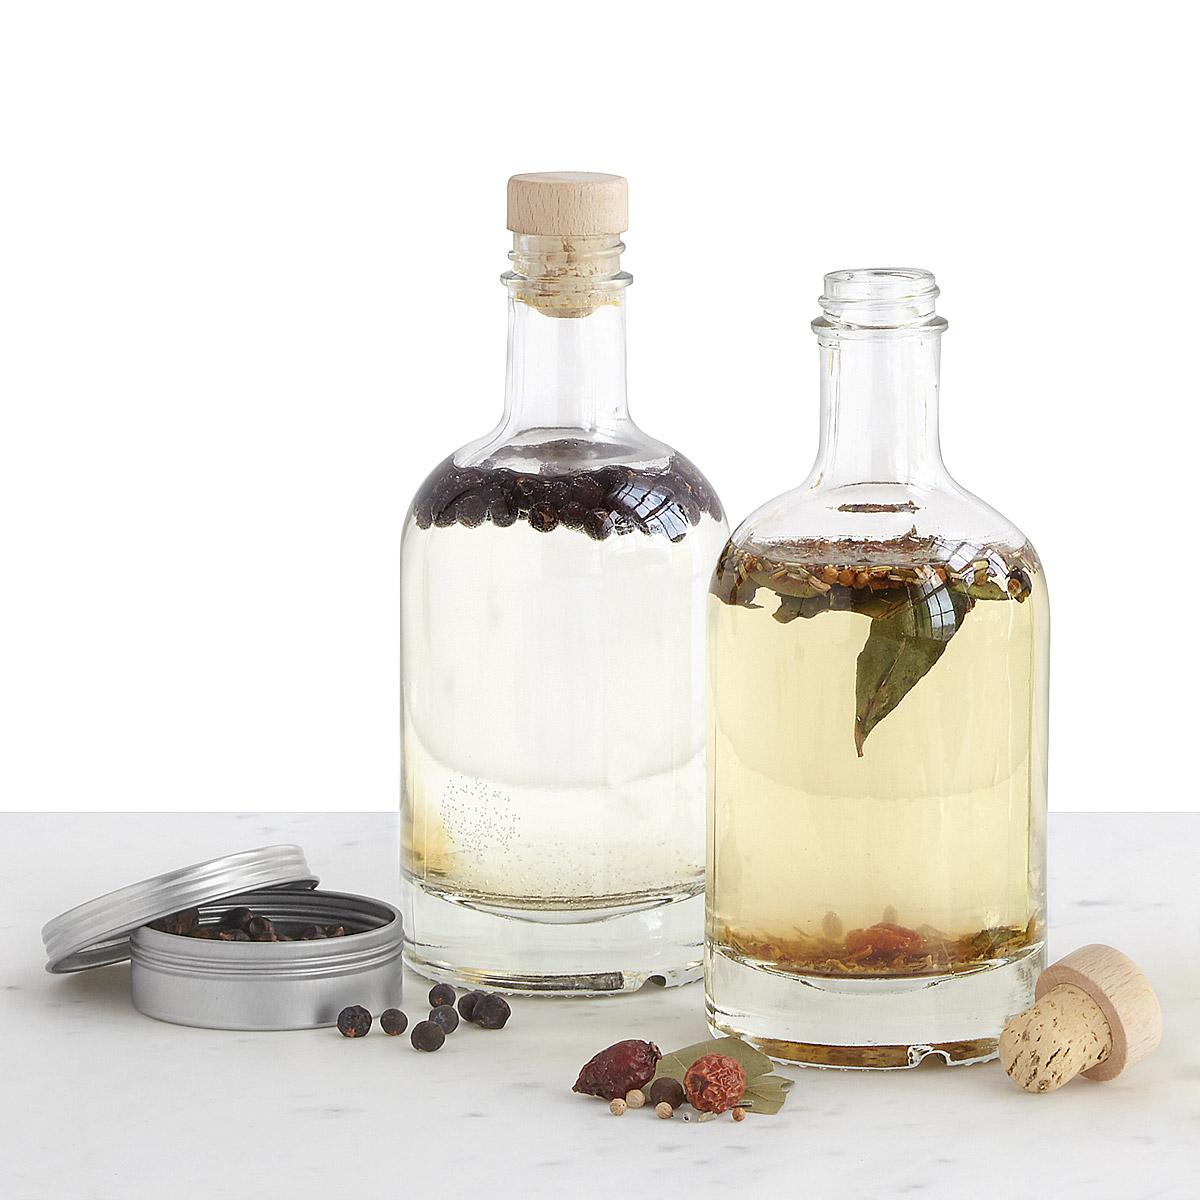 HOMEMADE GIN KIT   make moonshine, alcohol, your own liquor ...